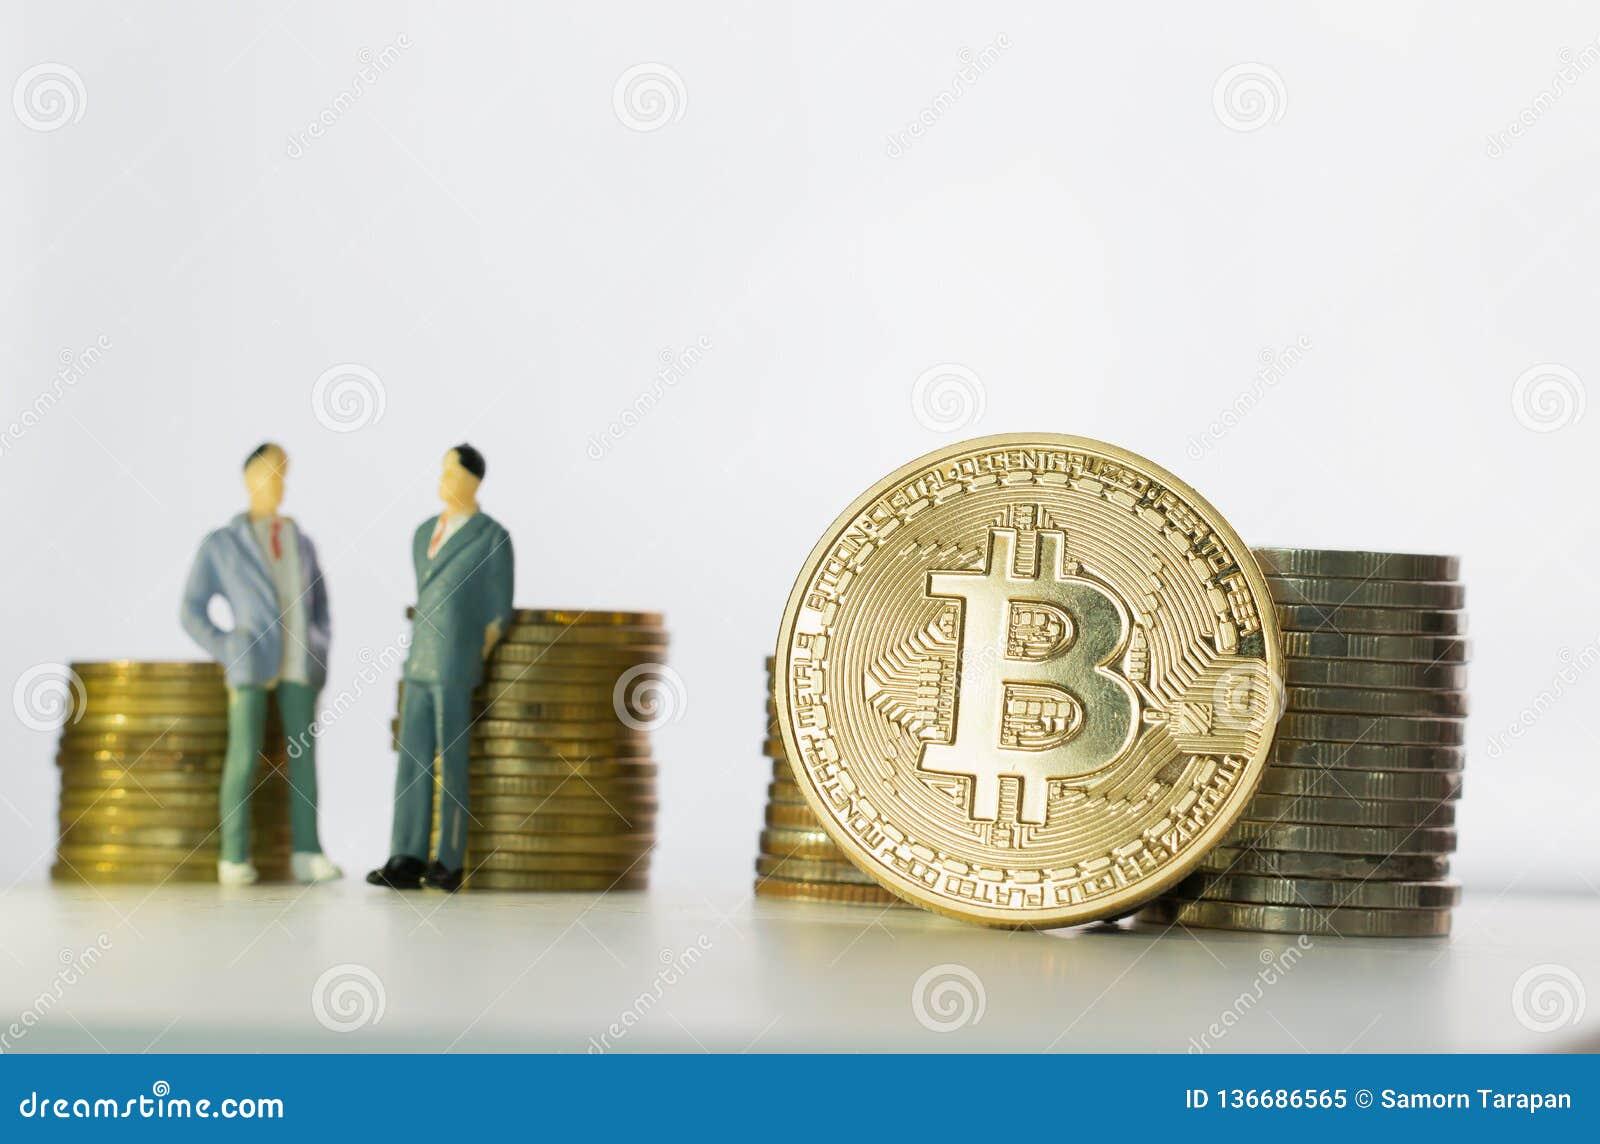 bitcoin investment internet beste münzen, um in krypto 2021 zu investieren